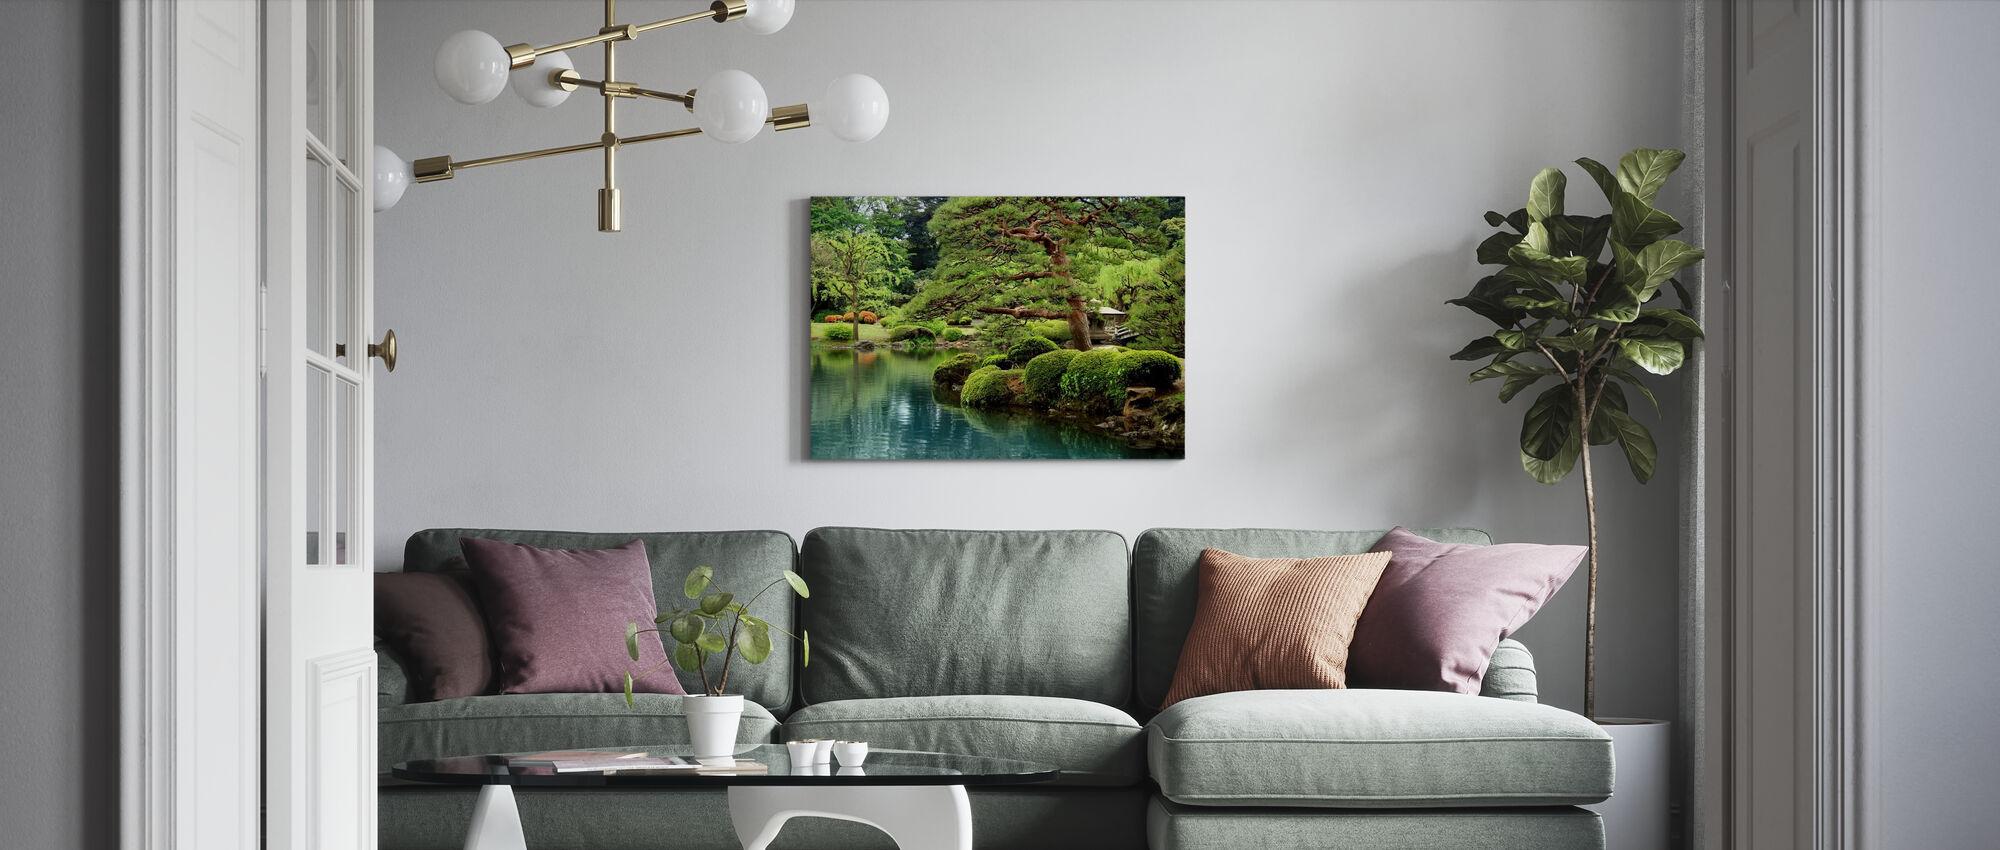 Calm Zen Lake and Bonsai Trees in Tokyo Garden - Canvas print - Living Room